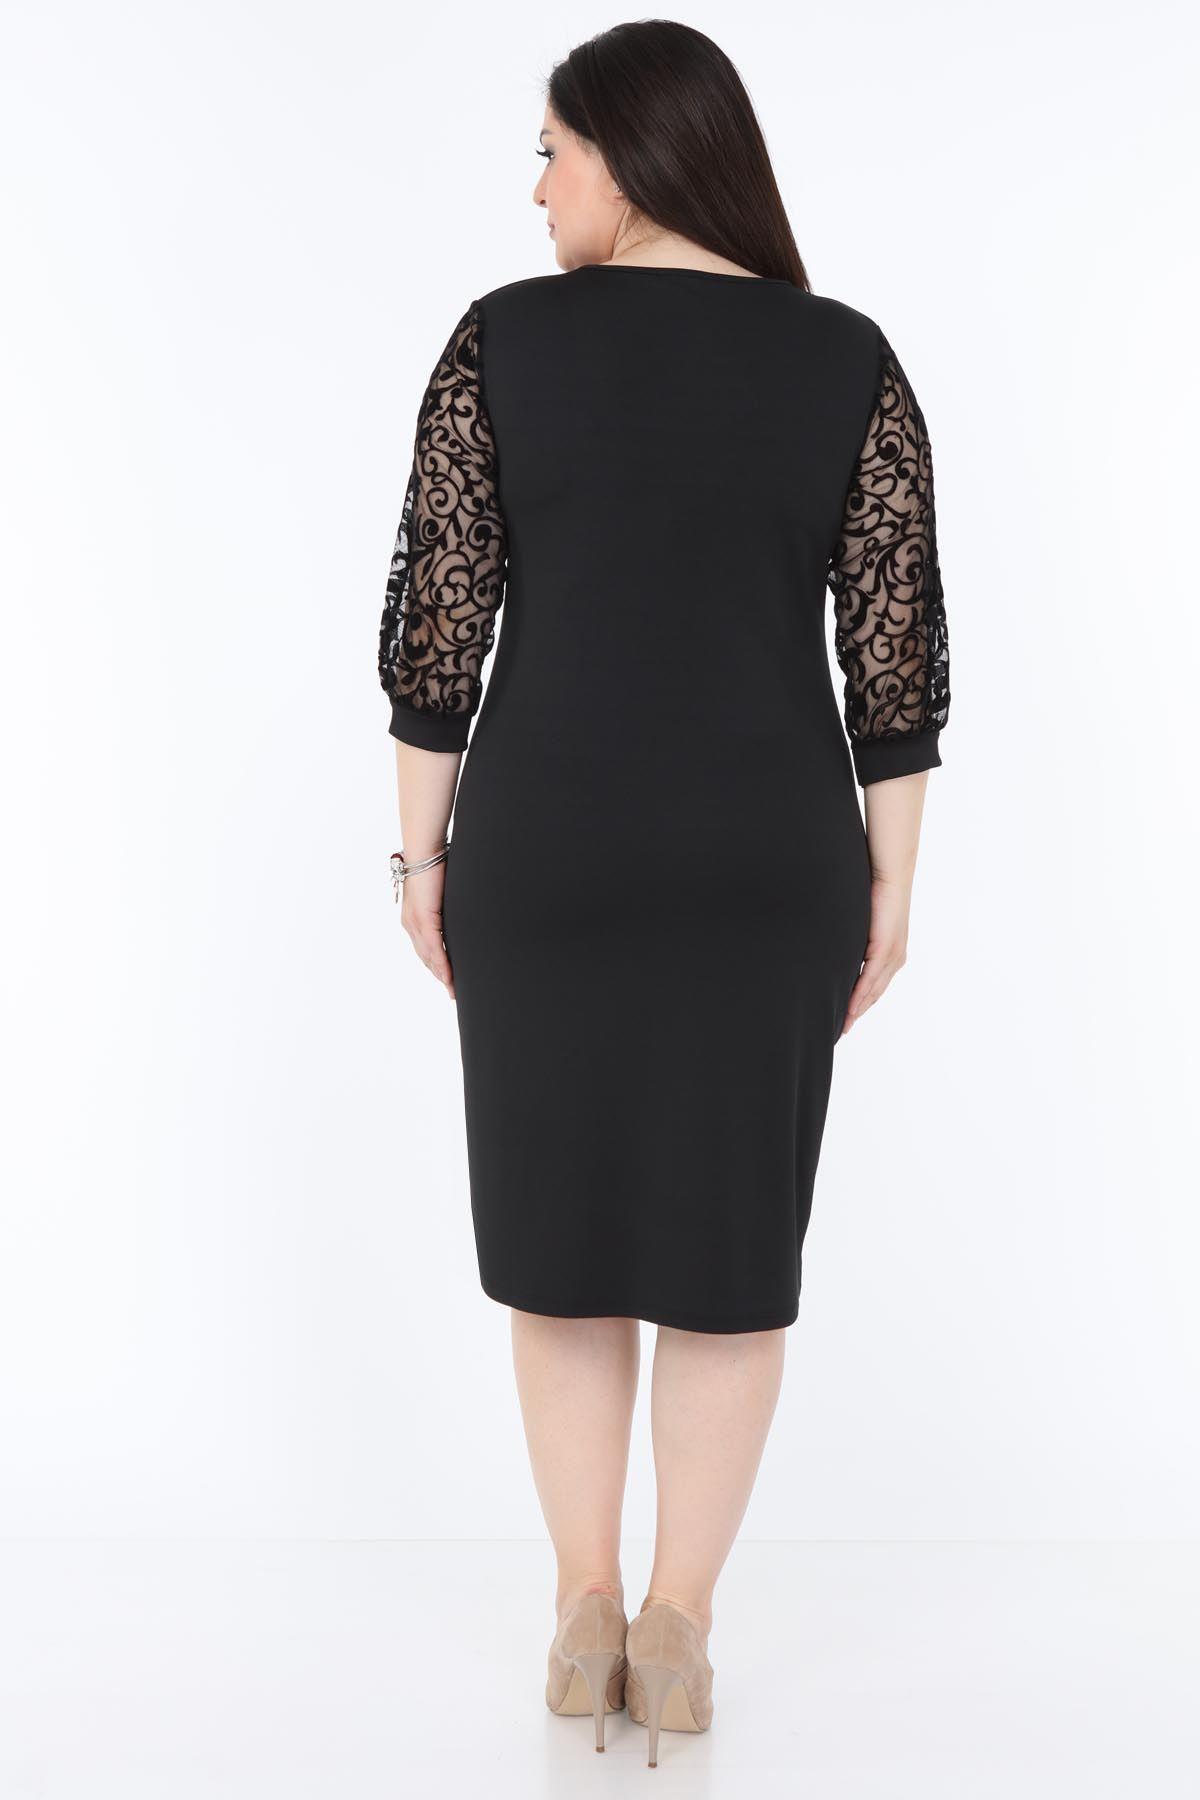 Siyah Dantel Kol Büyük Beden Elbise 2A-1035